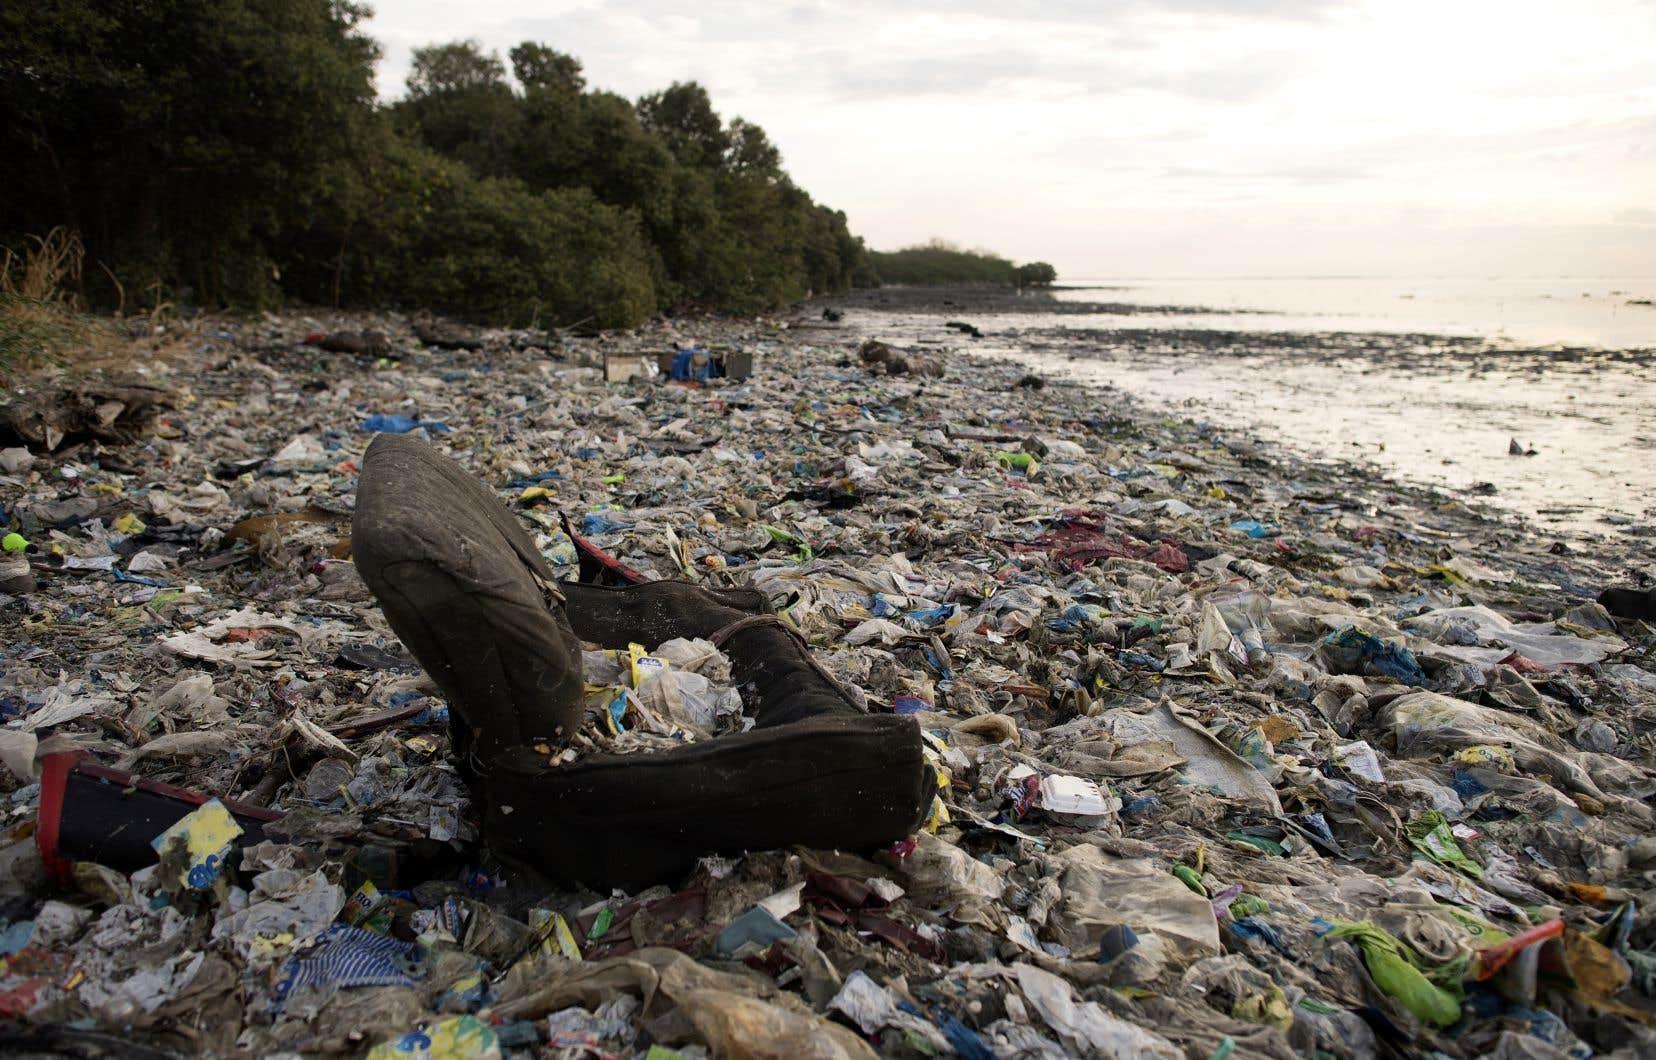 <p>À eux seuls, la Chine, l'Indonésie, lesPhilippines (photo), le Vietnam et la Thaïlandesont responsables de plus de la moitié des huit millions de tonnes de plastique rejetées tous les ans dans les océans, selon un rapport de 2017 de l'ONG Ocean Conservancy.</p>